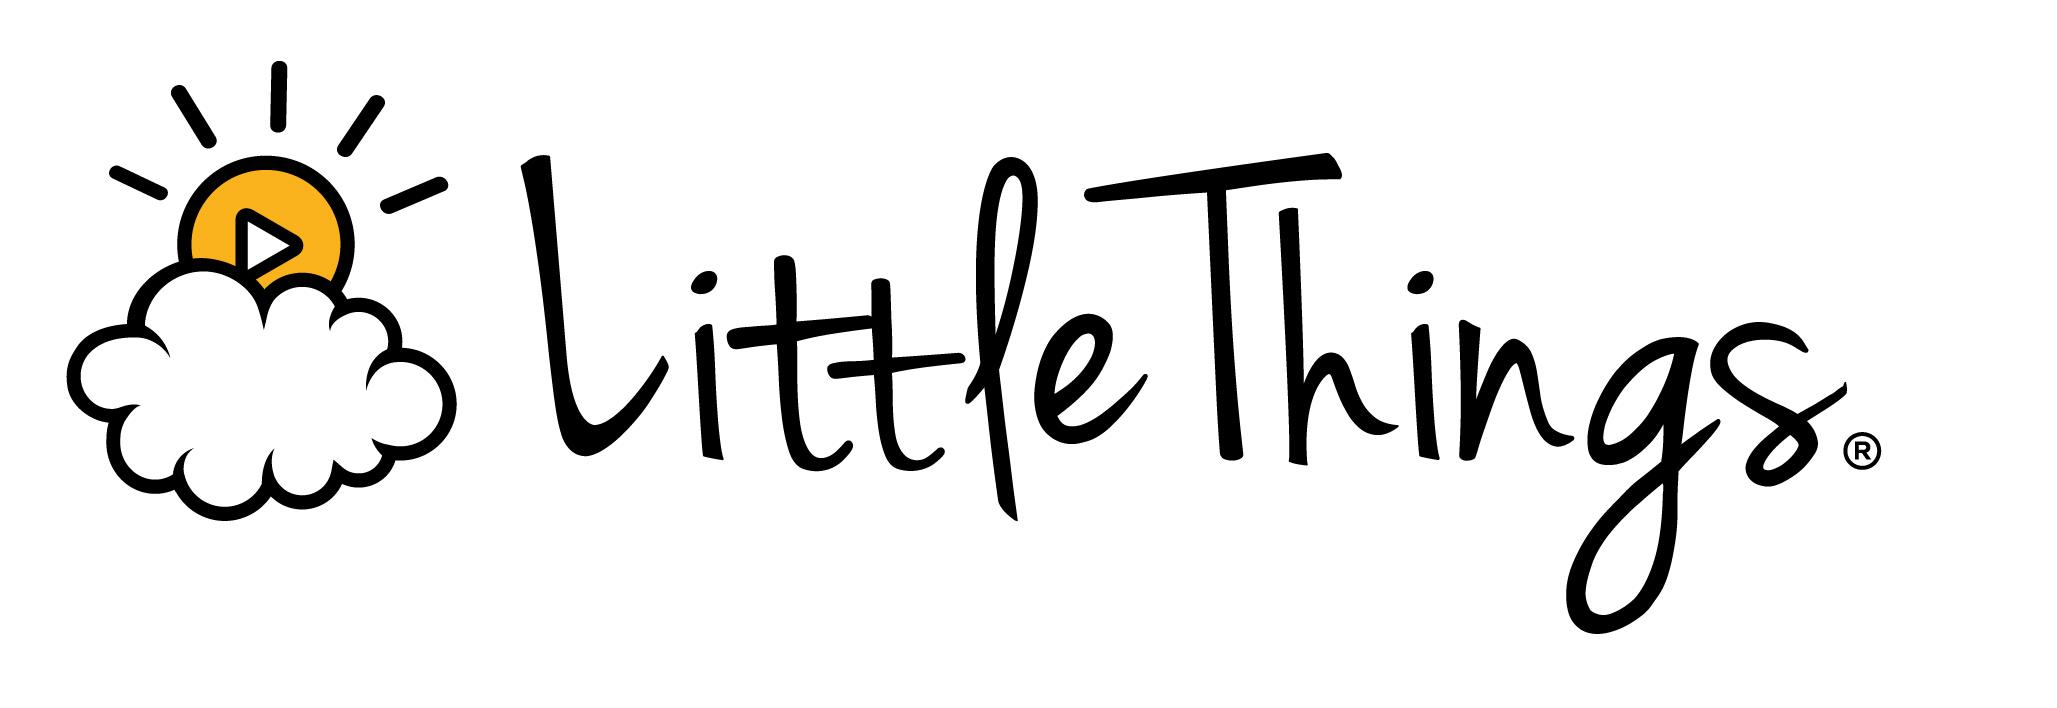 20160316204625_littlethings_logo_r.jpg